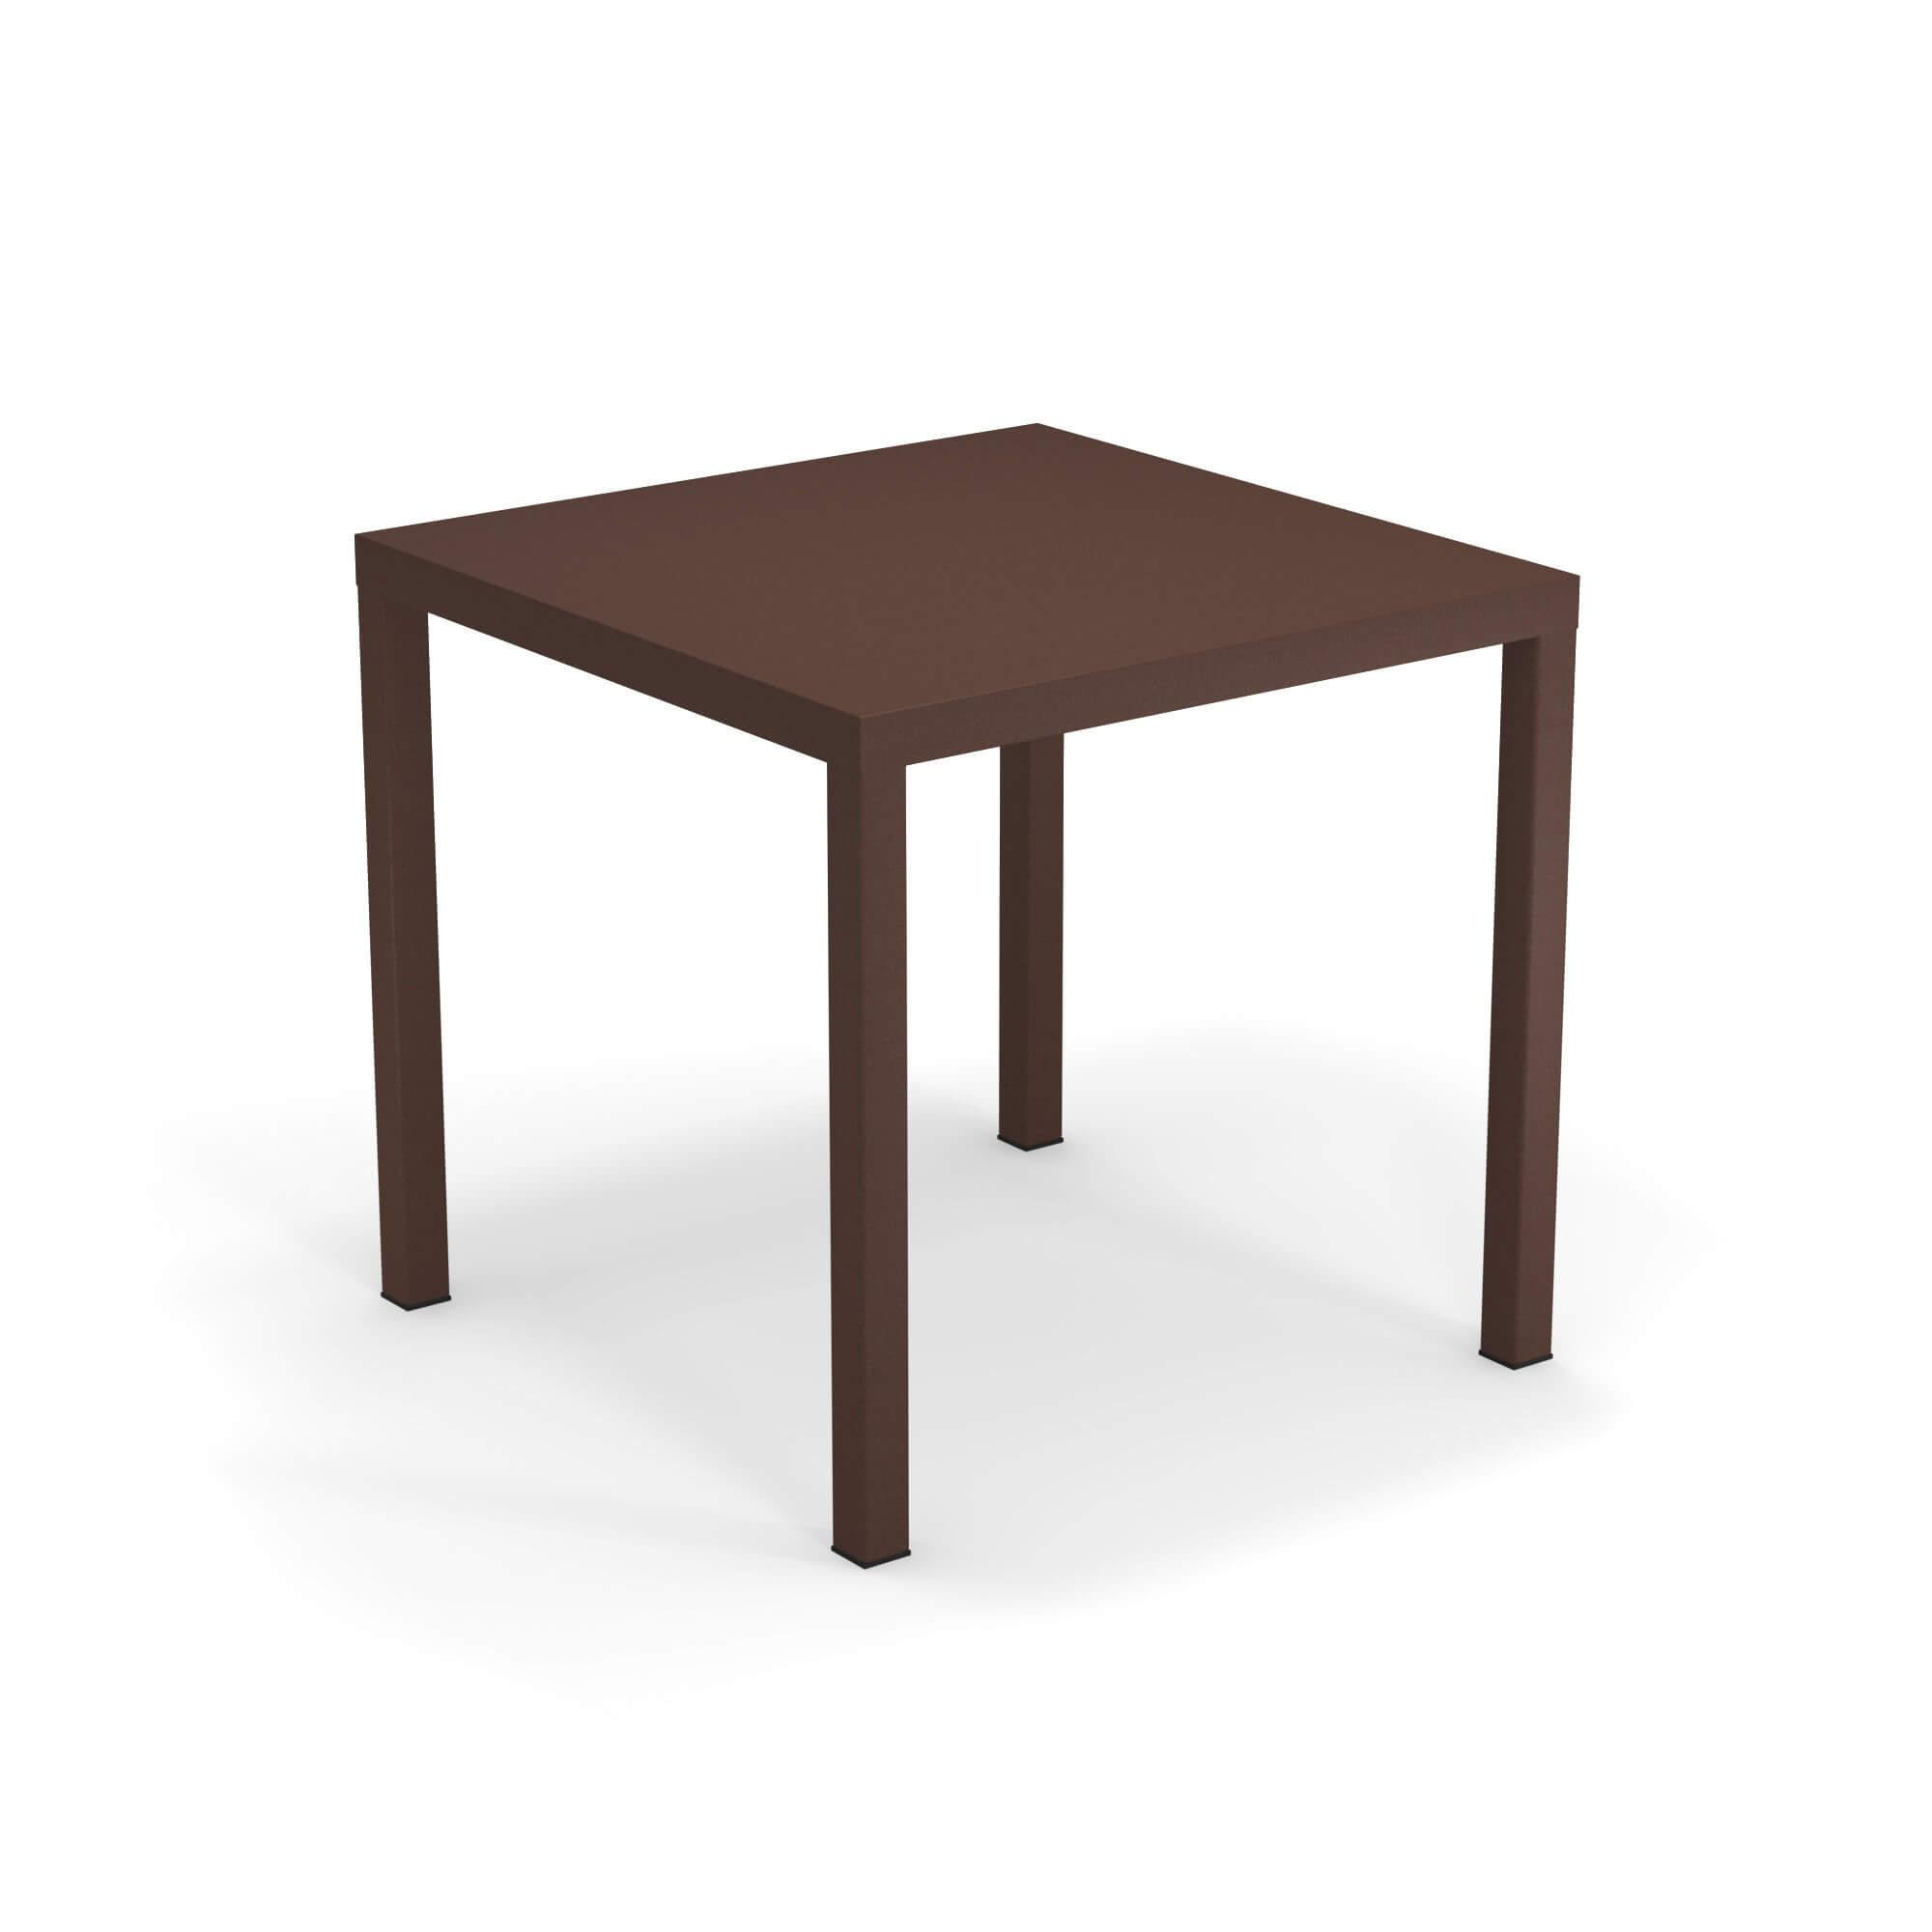 Tavolo quadrato 80x80 da giardino esterno in acciaio for Tavolo quadrato